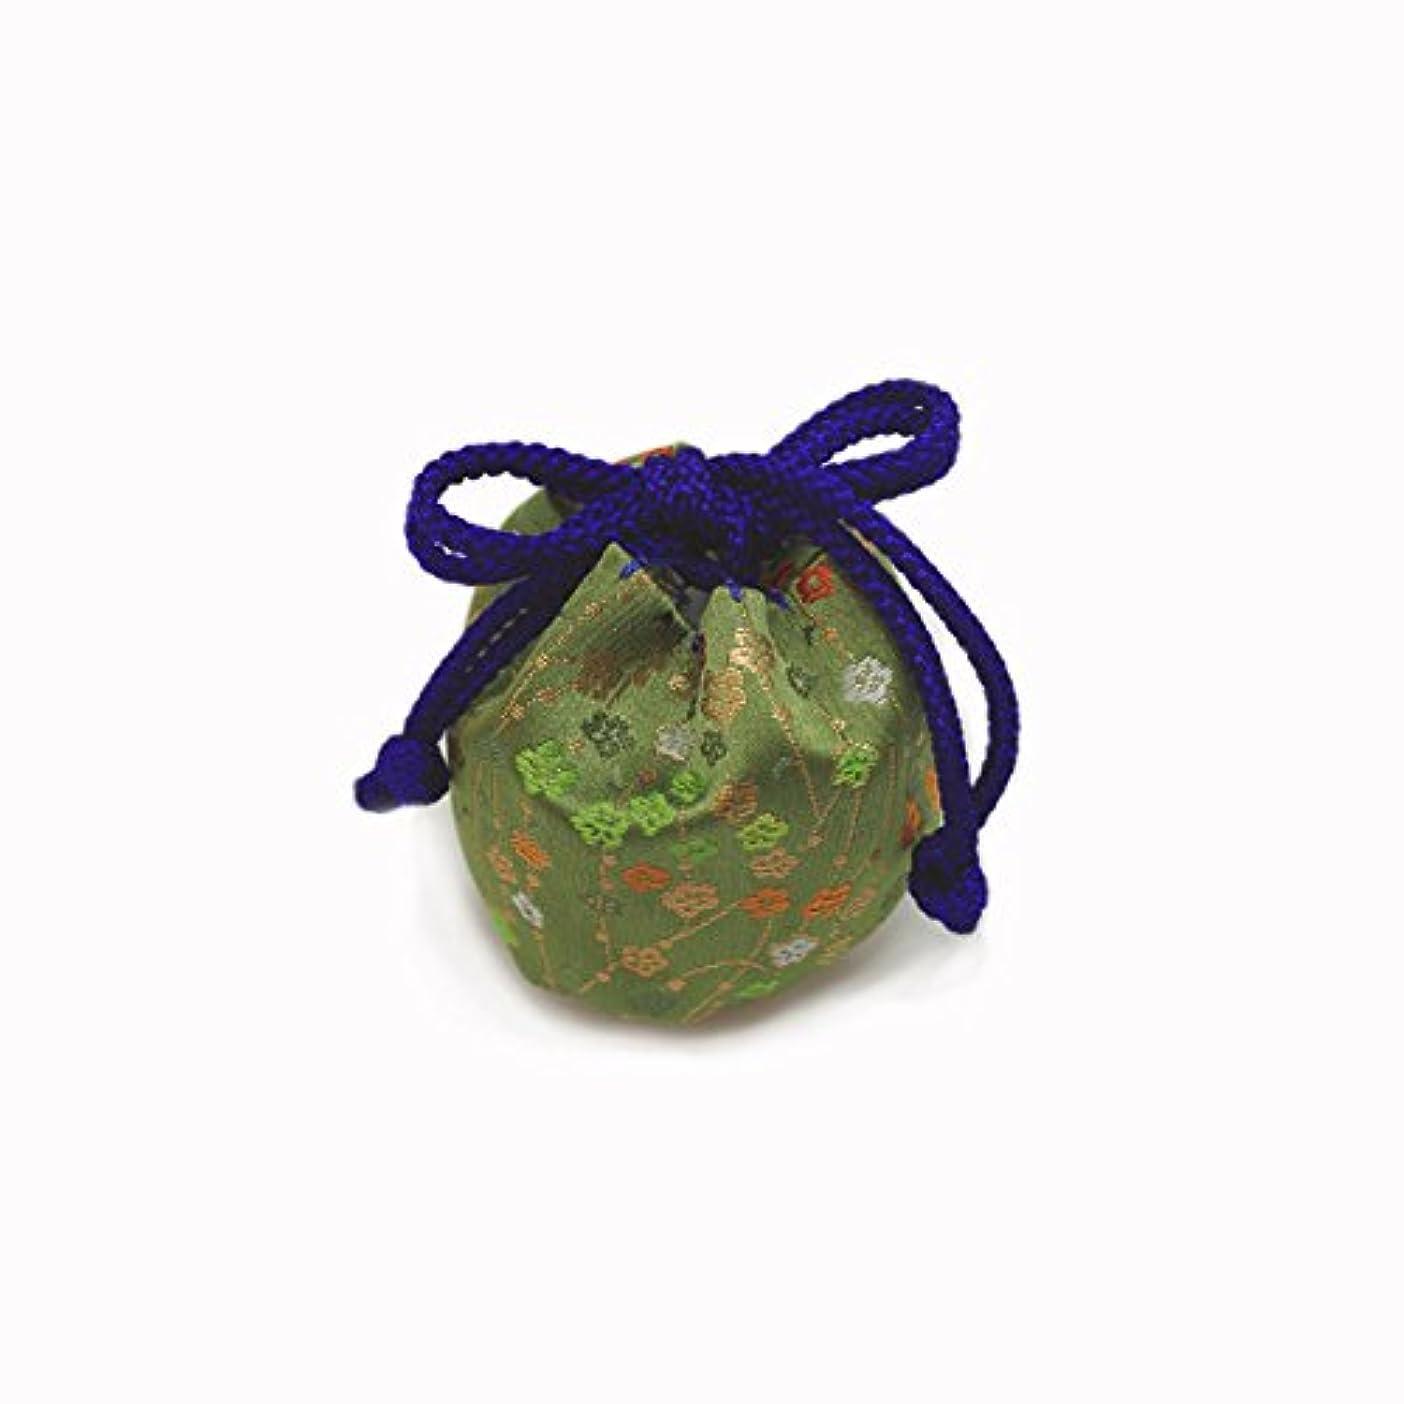 腕管理する芸術的御所袋 小 キンラン 緑系